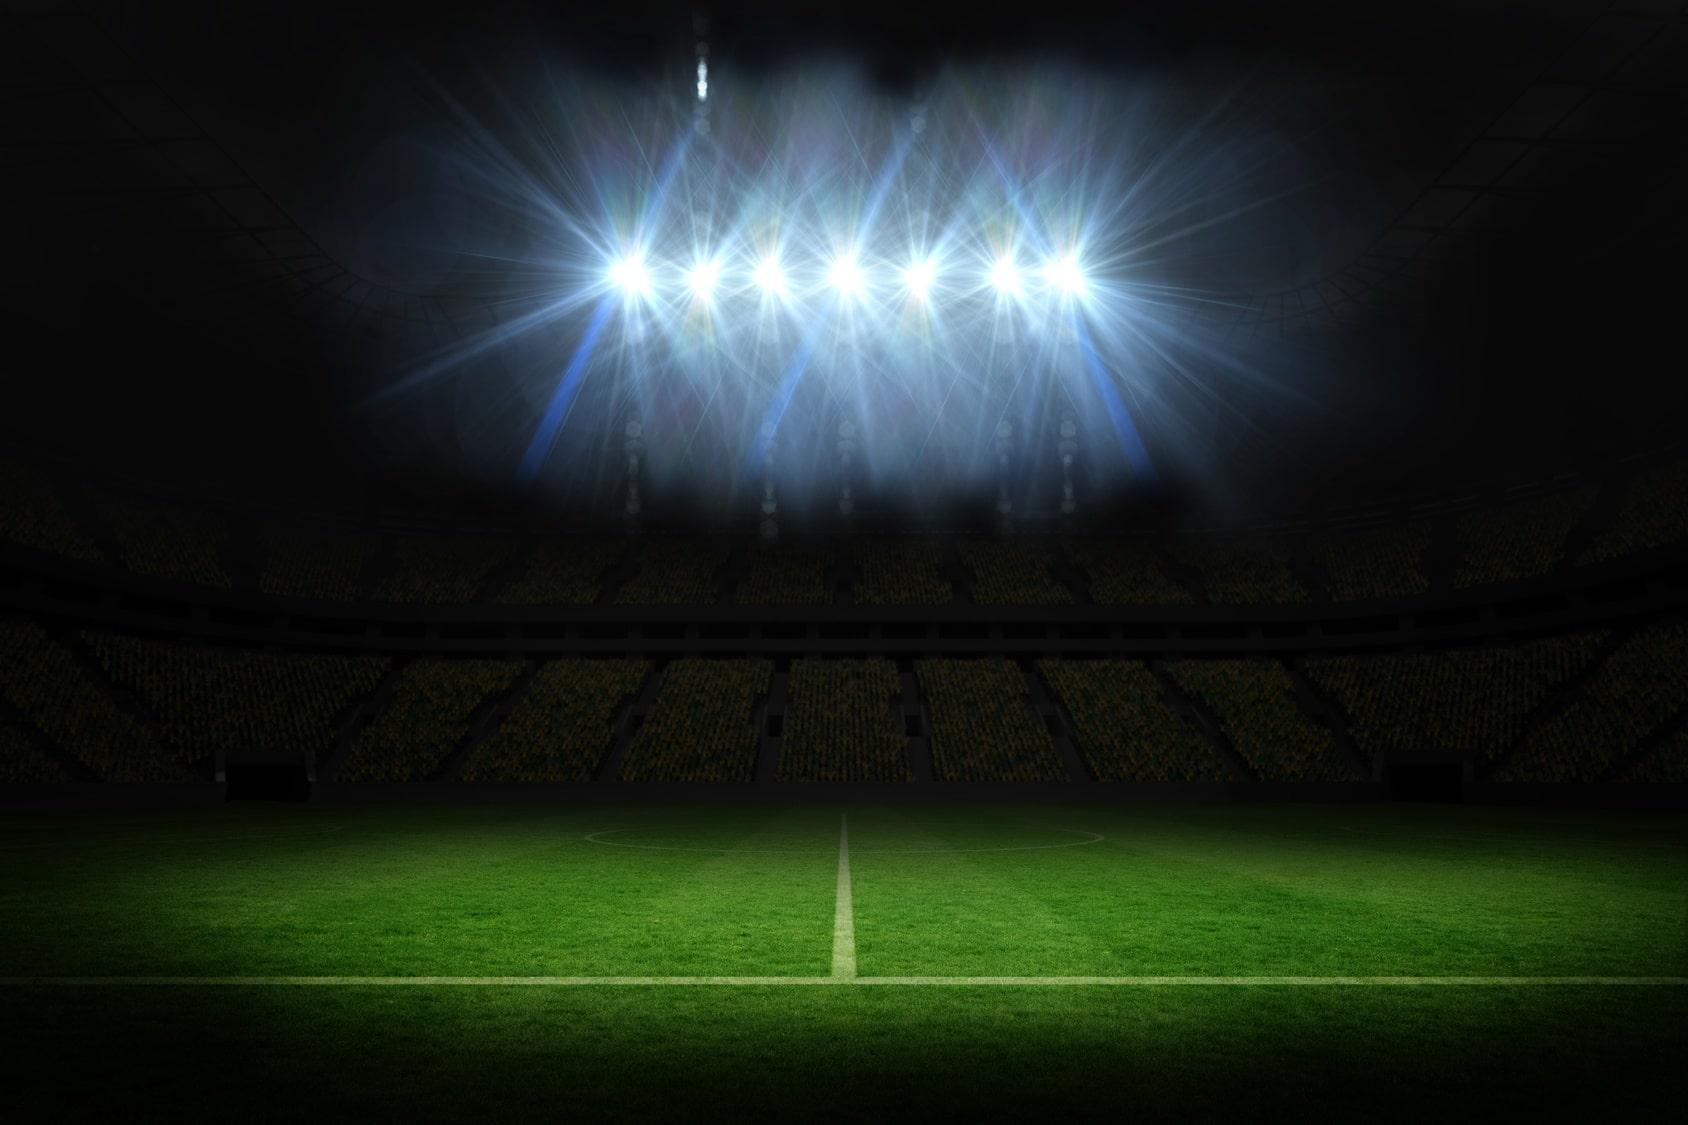 Nico voitti VIP-liput Stadin derbyyn – Liiga-kisassa ei saatu voittajaa